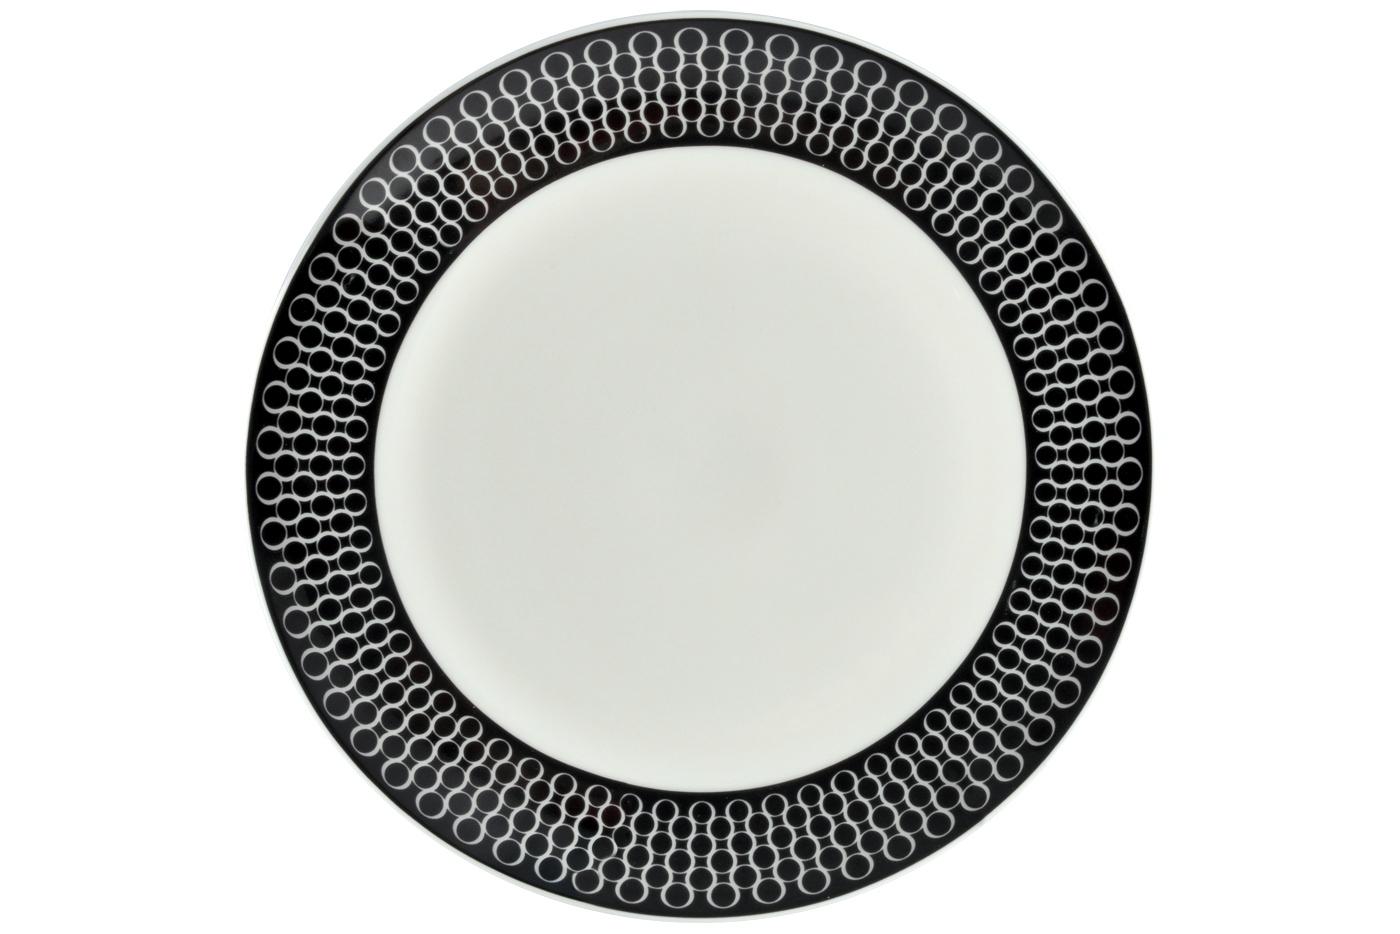 Набор из 6 тарелок Royal Aurel Верона (25см) арт.623Наборы тарелок<br>Набор из 6 тарелок Royal Aurel Верона (25см) арт.623<br>Производить посуду из фарфора начали в Китае на стыке 6-7 веков. Неустанно совершенствуя и селективно отбирая сырье для производства посуды из фарфора, мастерам удалось добиться выдающихся характеристик фарфора: белизны и тонкостенности. В XV веке появился особый интерес к китайской фарфоровой посуде, так как в это время Европе возникла мода на самобытные китайские вещи. Роскошный китайский фарфор являлся изыском и был в новинку, поэтому он выступал в качестве подарка королям, а также знатным людям. Такой дорогой подарок был очень престижен и по праву являлся элитной посудой. Как известно из многочисленных исторических документов, в Европе китайские изделия из фарфора ценились практически как золото. <br>Проверка изделий из костяного фарфора на подлинность <br>По сравнению с производством других видов фарфора процесс производства изделий из настоящего костяного фарфора сложен и весьма длителен. Посуда из изящного фарфора - это элитная посуда, которая всегда ассоциируется с богатством, величием и благородством. Несмотря на небольшую толщину, фарфоровая посуда - это очень прочное изделие. Для демонстрации плотности и прочности фарфора можно легко коснуться предметов посуды из фарфора деревянной палочкой, и тогда мы услушим характерный металлический звон. В составе фарфоровой посуды присутствует костяная зола, благодаря чему она может быть намного тоньше (не более 2,5 мм) и легче твердого или мягкого фарфора. Безупречная белизна - ключевой признак отличия такого фарфора от других. Цвет обычного фарфора сероватый или ближе к голубоватому, а костяной фарфор будет всегда будет молочно-белого цвета. Характерная и немаловажная деталь - это невесомая прозрачность изделий из фарфора такая, что сквозь него проходит свет.<br>